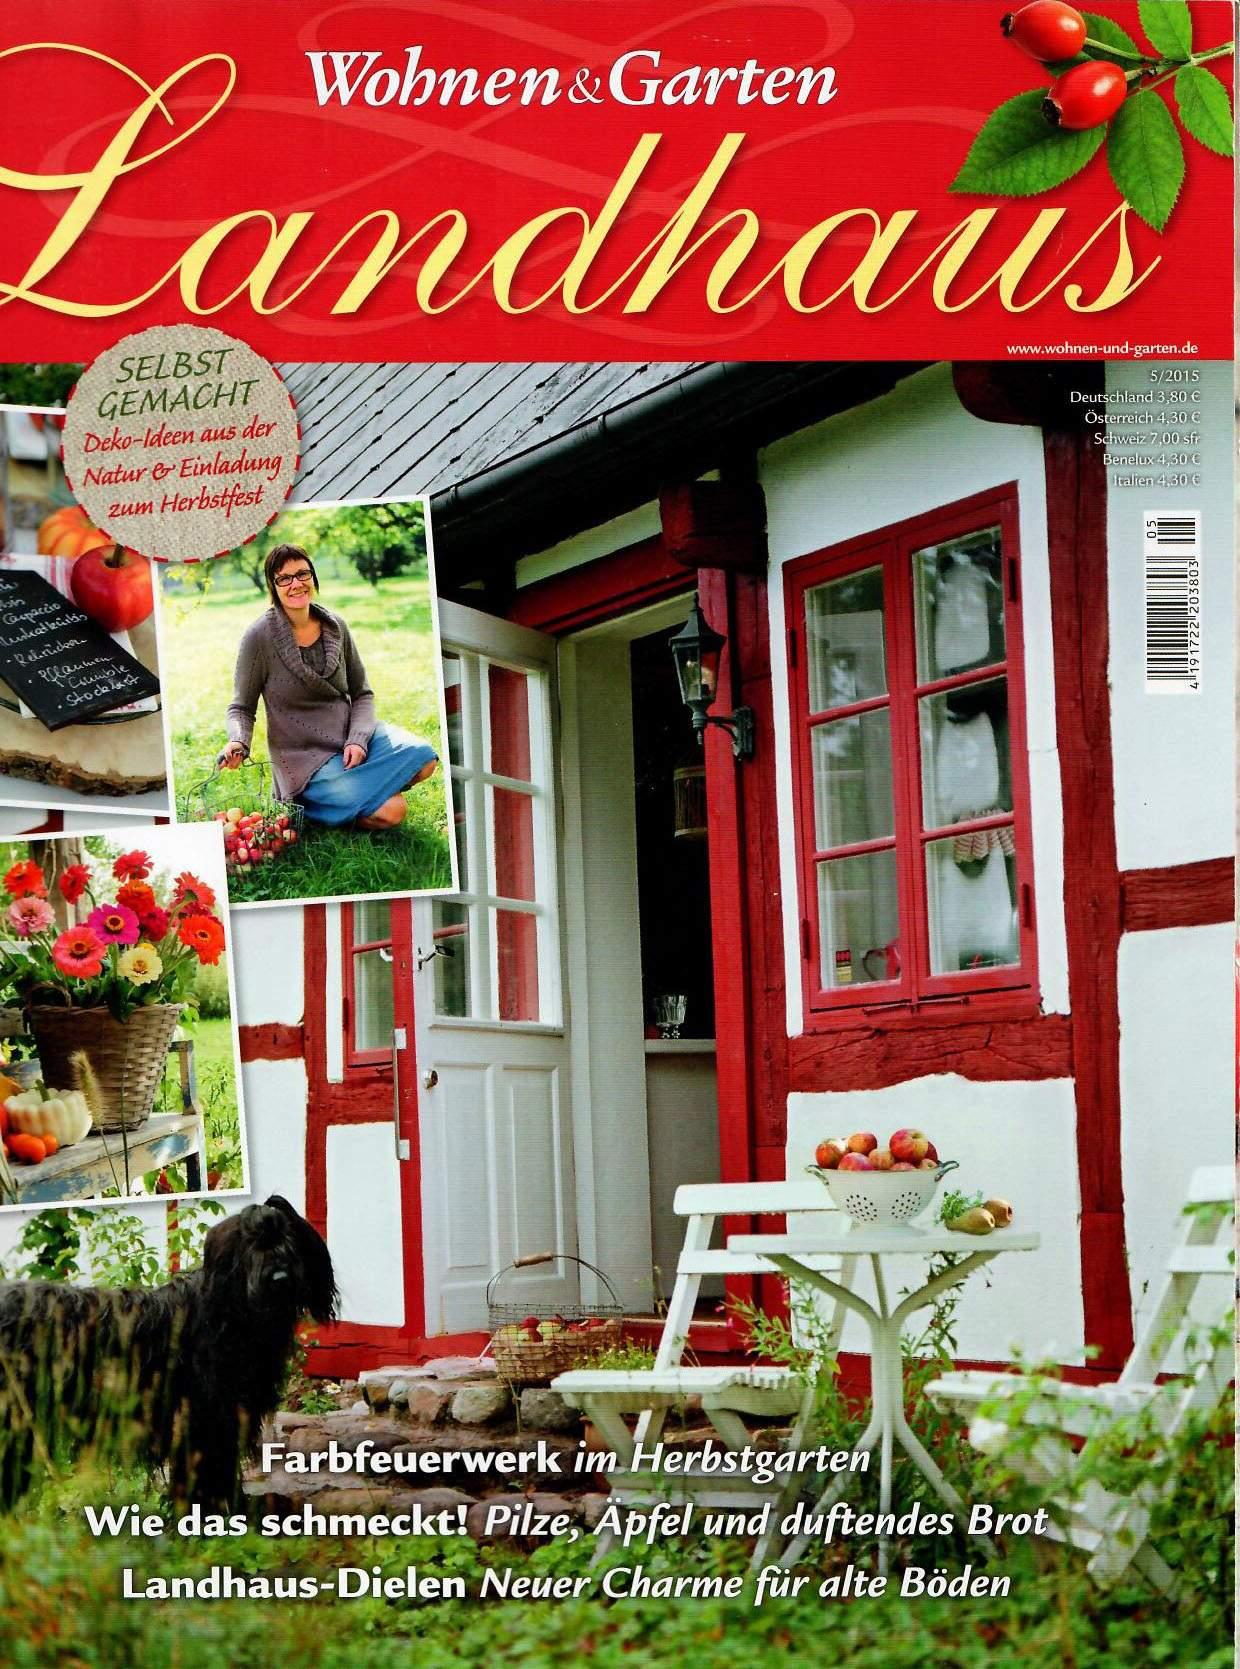 Wohnen Und Garten Inspirierend Erkmann Im Magazin Wohnen & Garten Landhaus